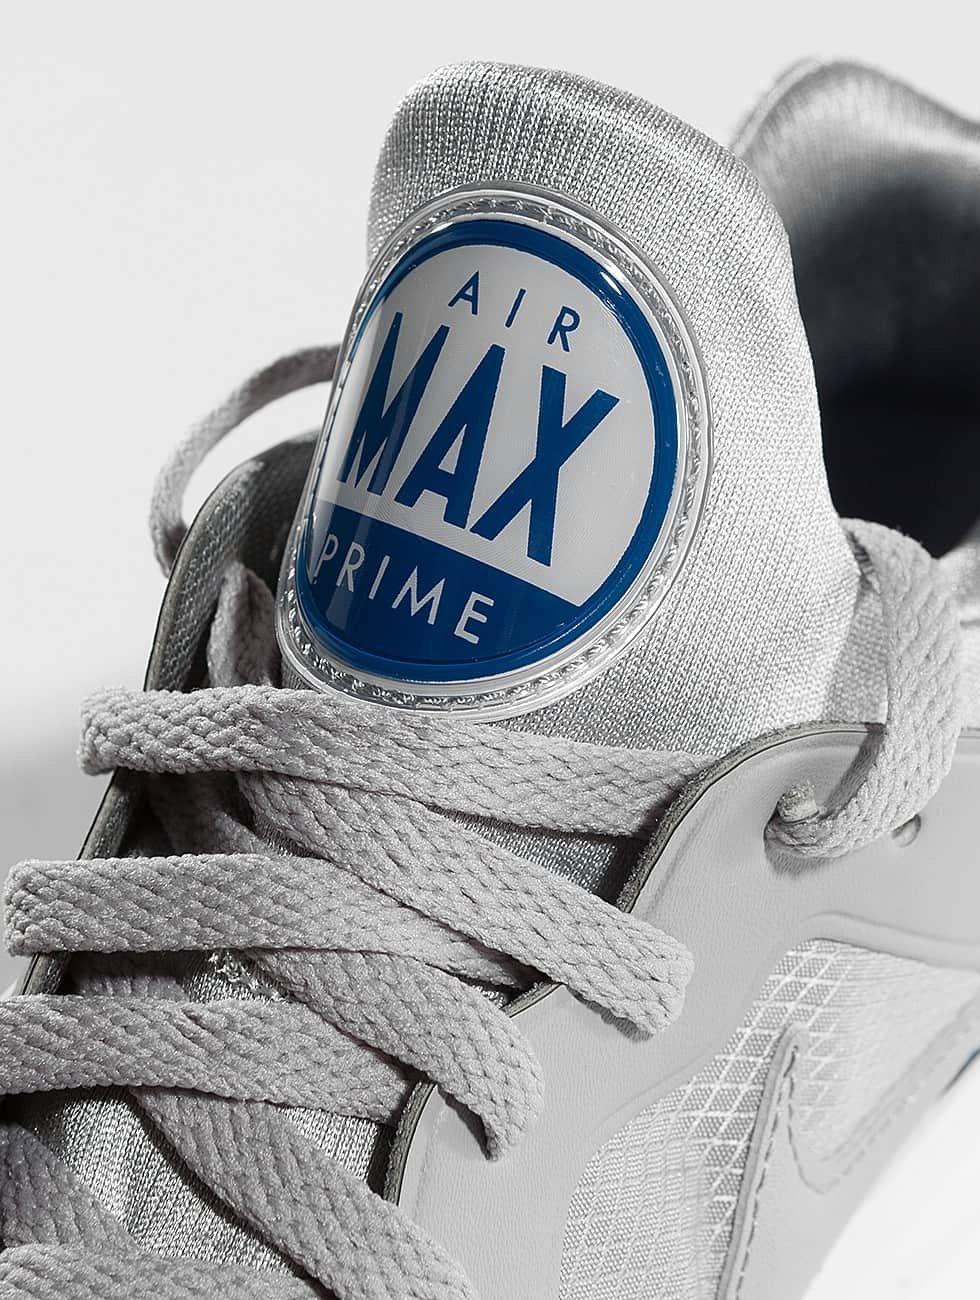 Nike Chaussure / Basket Air Max Premier Sl Gris 363 157 Acheter Pas Cher Best-seller Payer Avec Visa Collections À Vendre Jeu Avec Paypal YaQeqqvbj